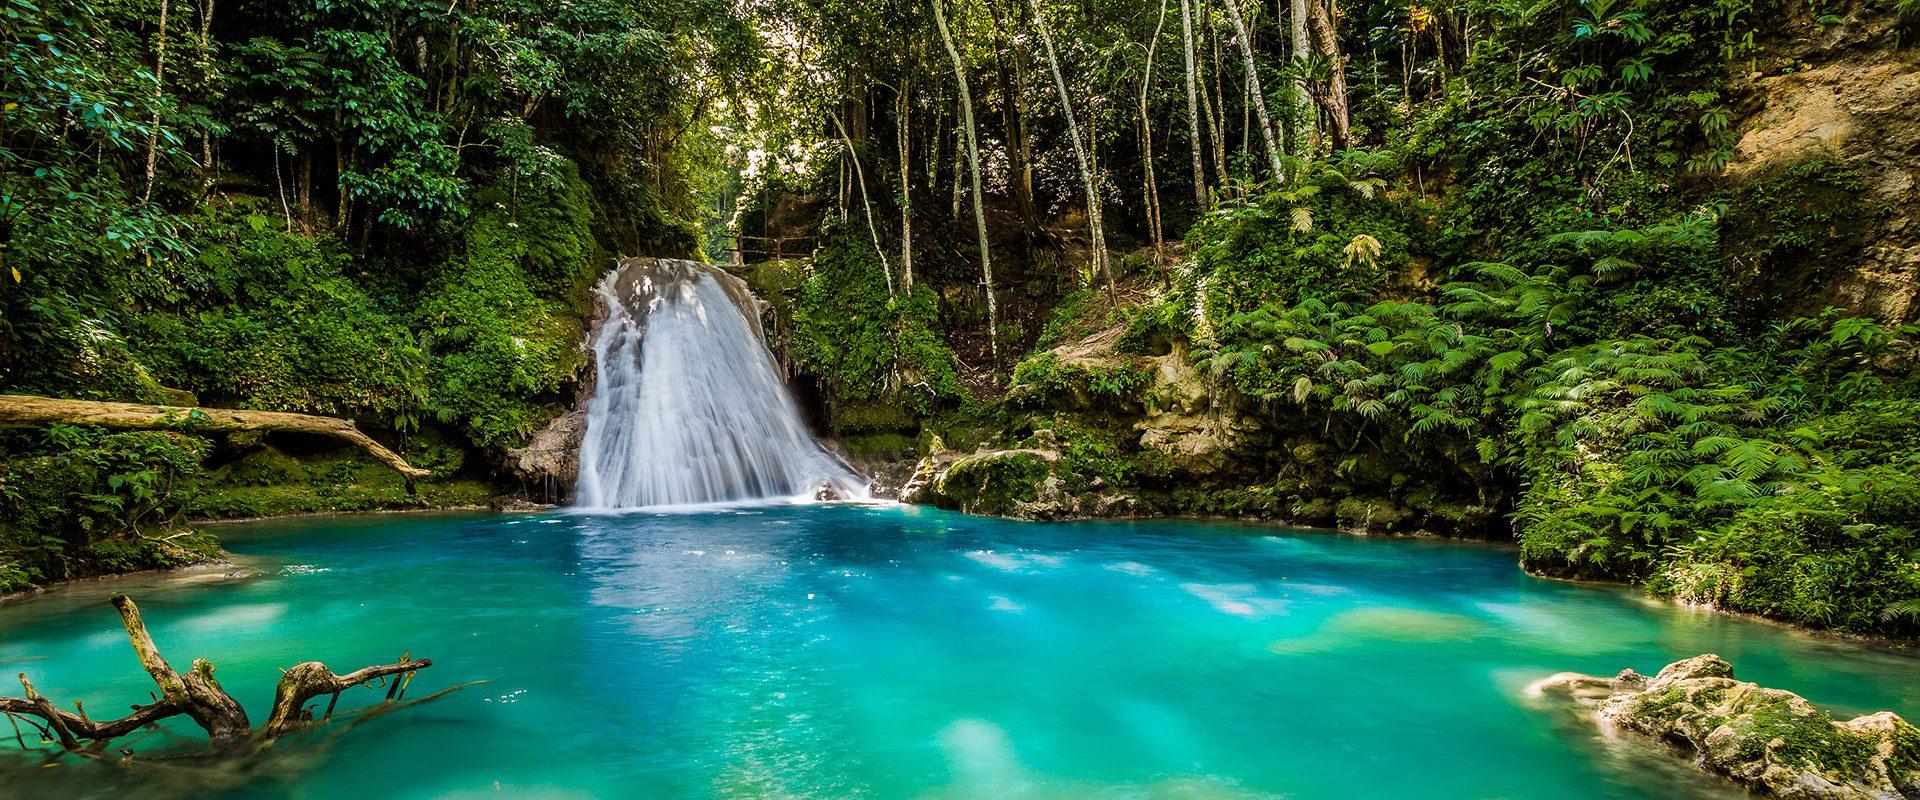 Los mejores destinos para viajeros al sol - Viajeros con B